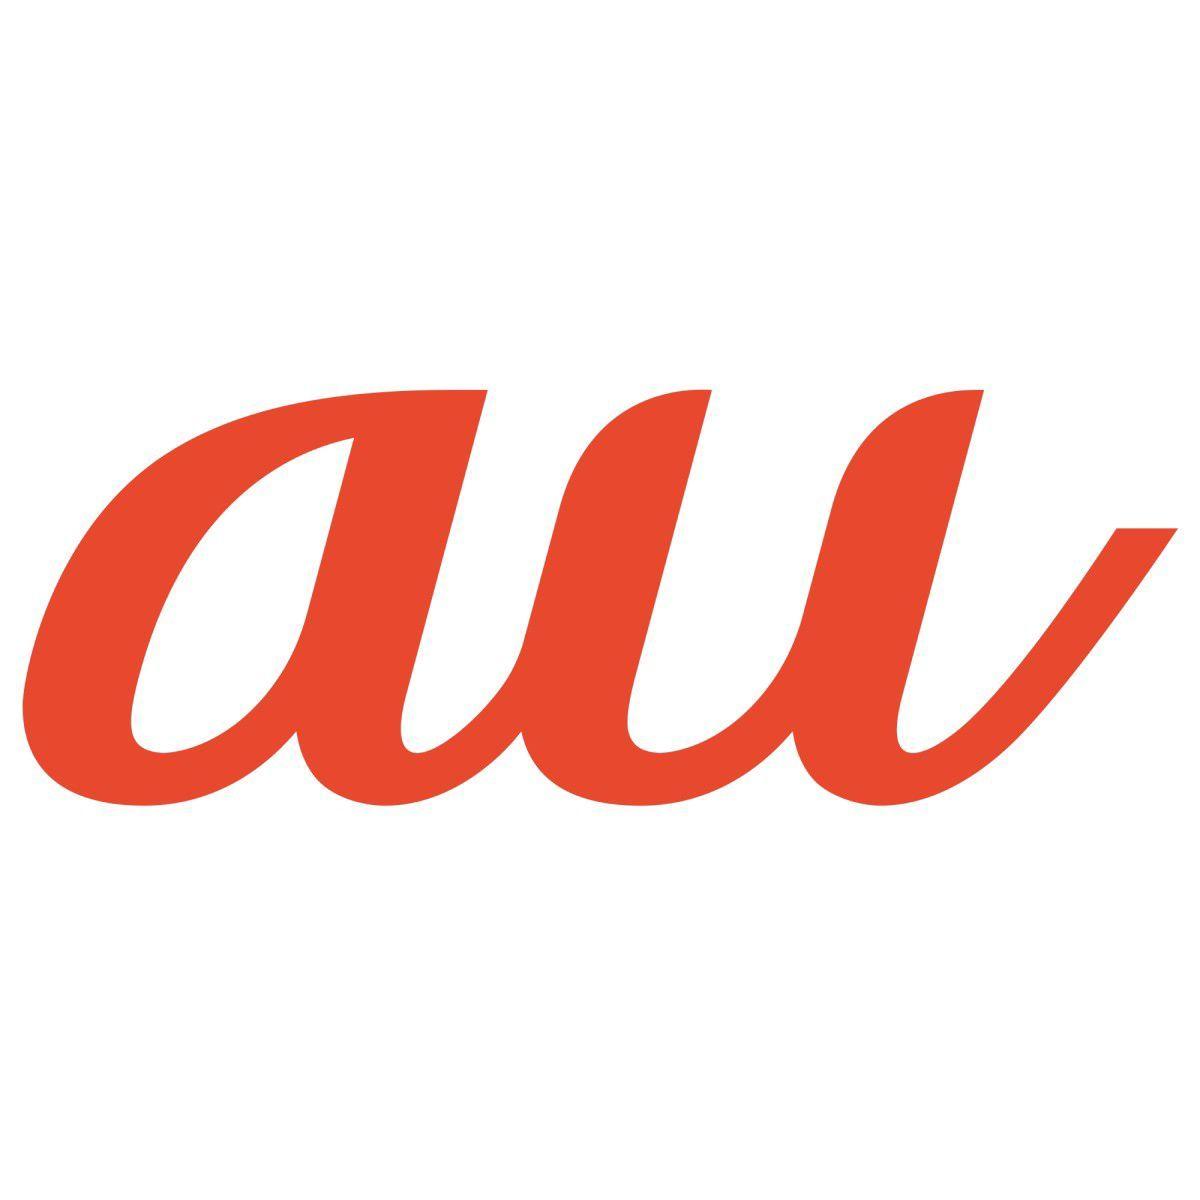 auがAmazonの買い物がキャリア決済に近日対応予定と発表!